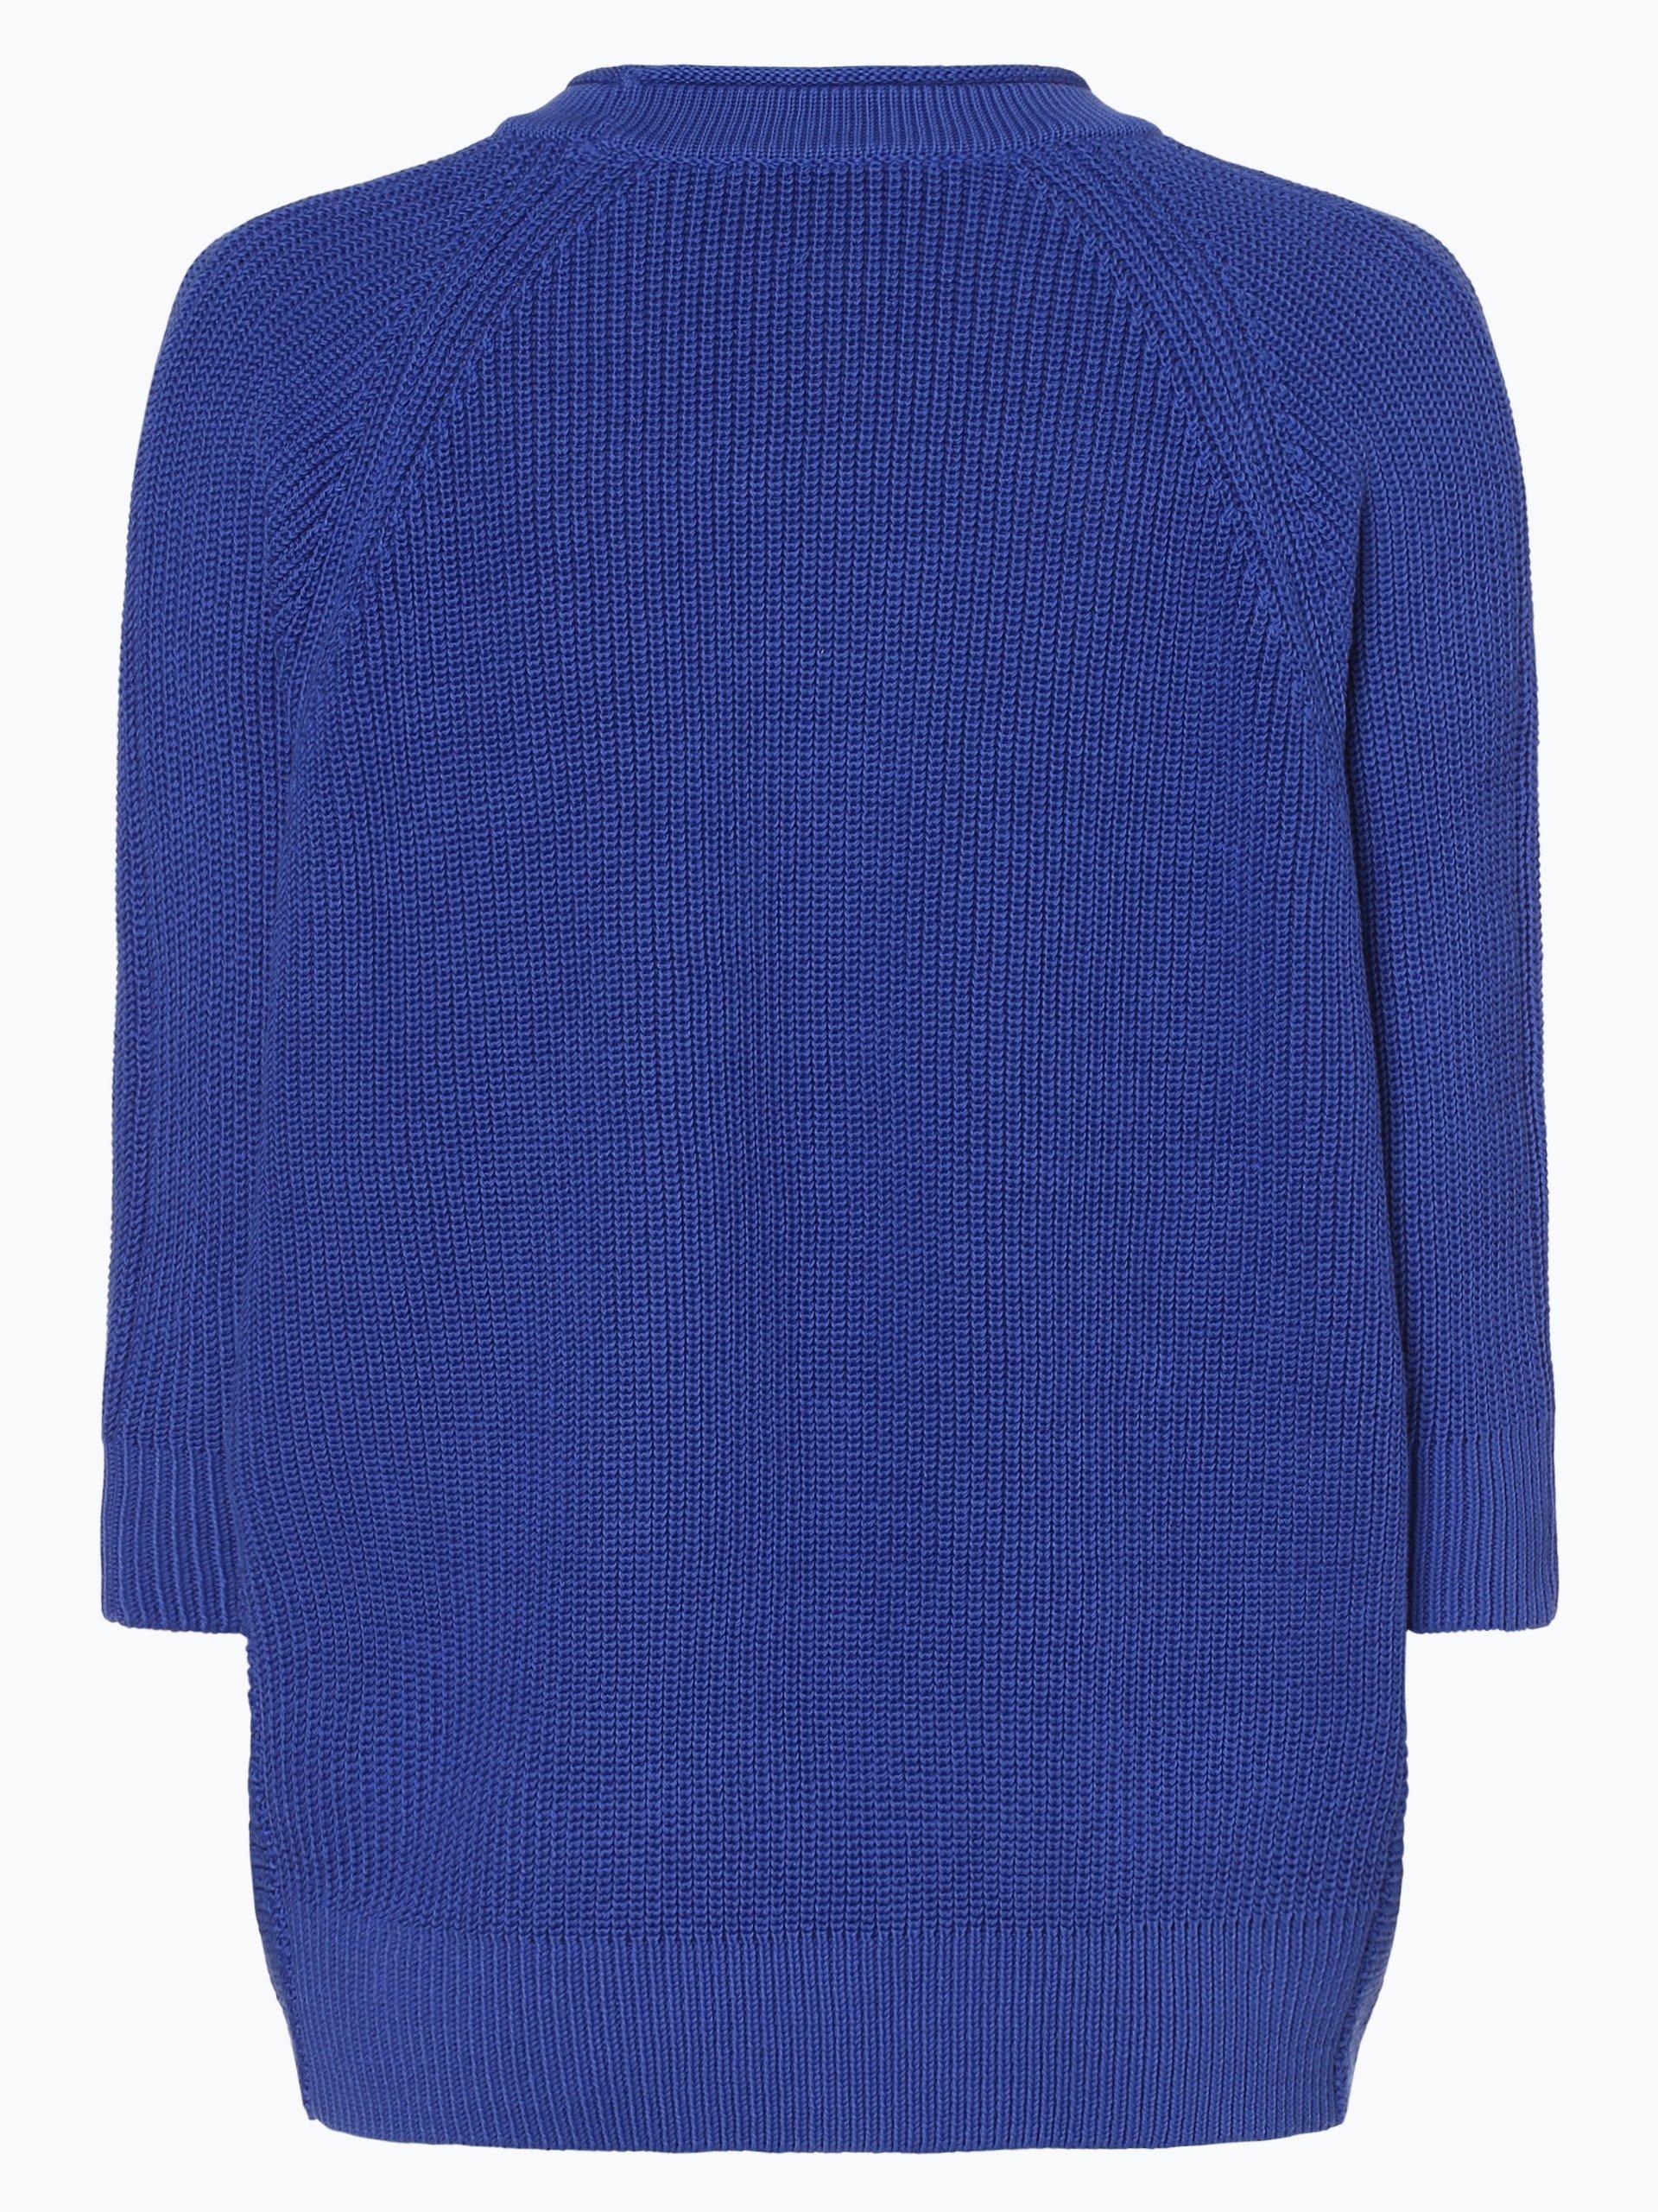 BOSS Damen Pullover - Fabulosta